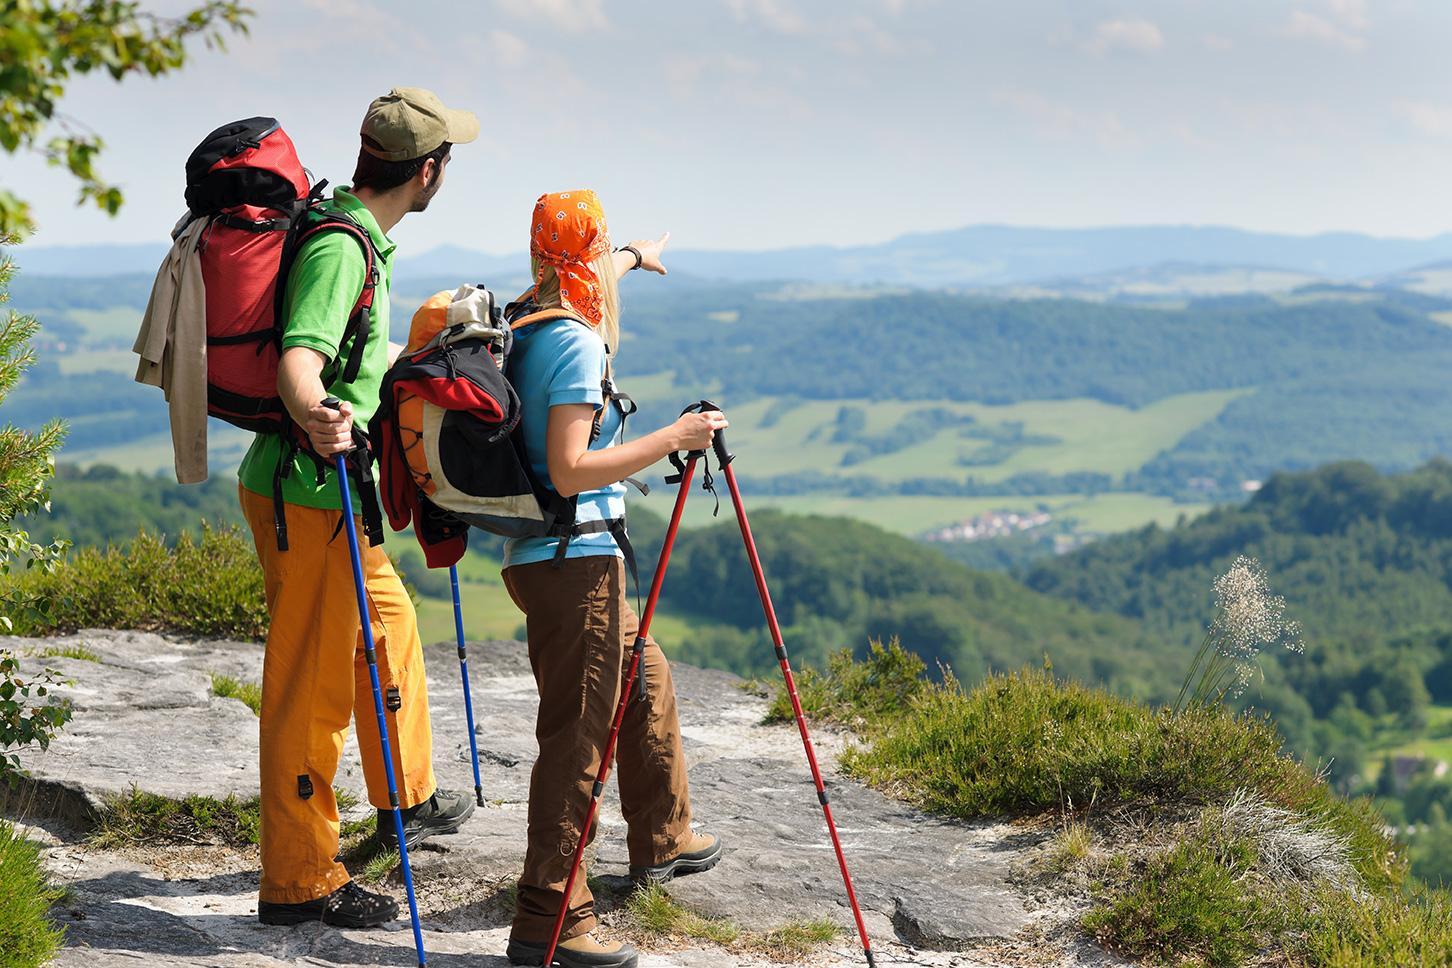 Откриват Институт за анализи и прогнози на информационната среда в туризма